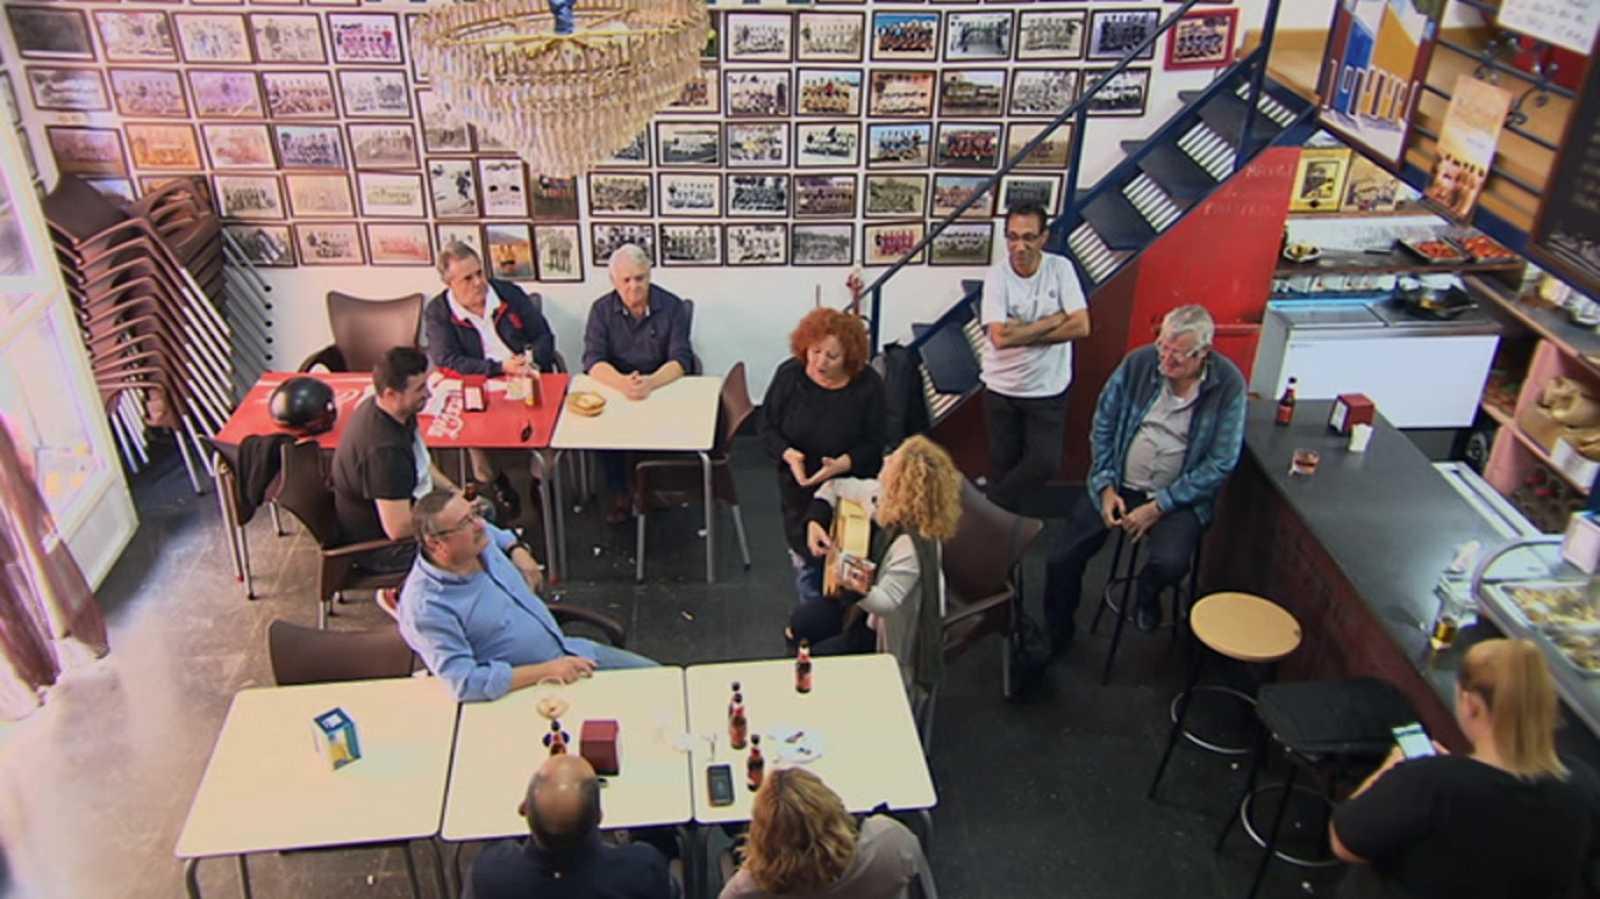 2888a04c5 Para todos los públicos Zoom Tendencias - Almería, capital gastro 2019 -  ver ahora reproducir video